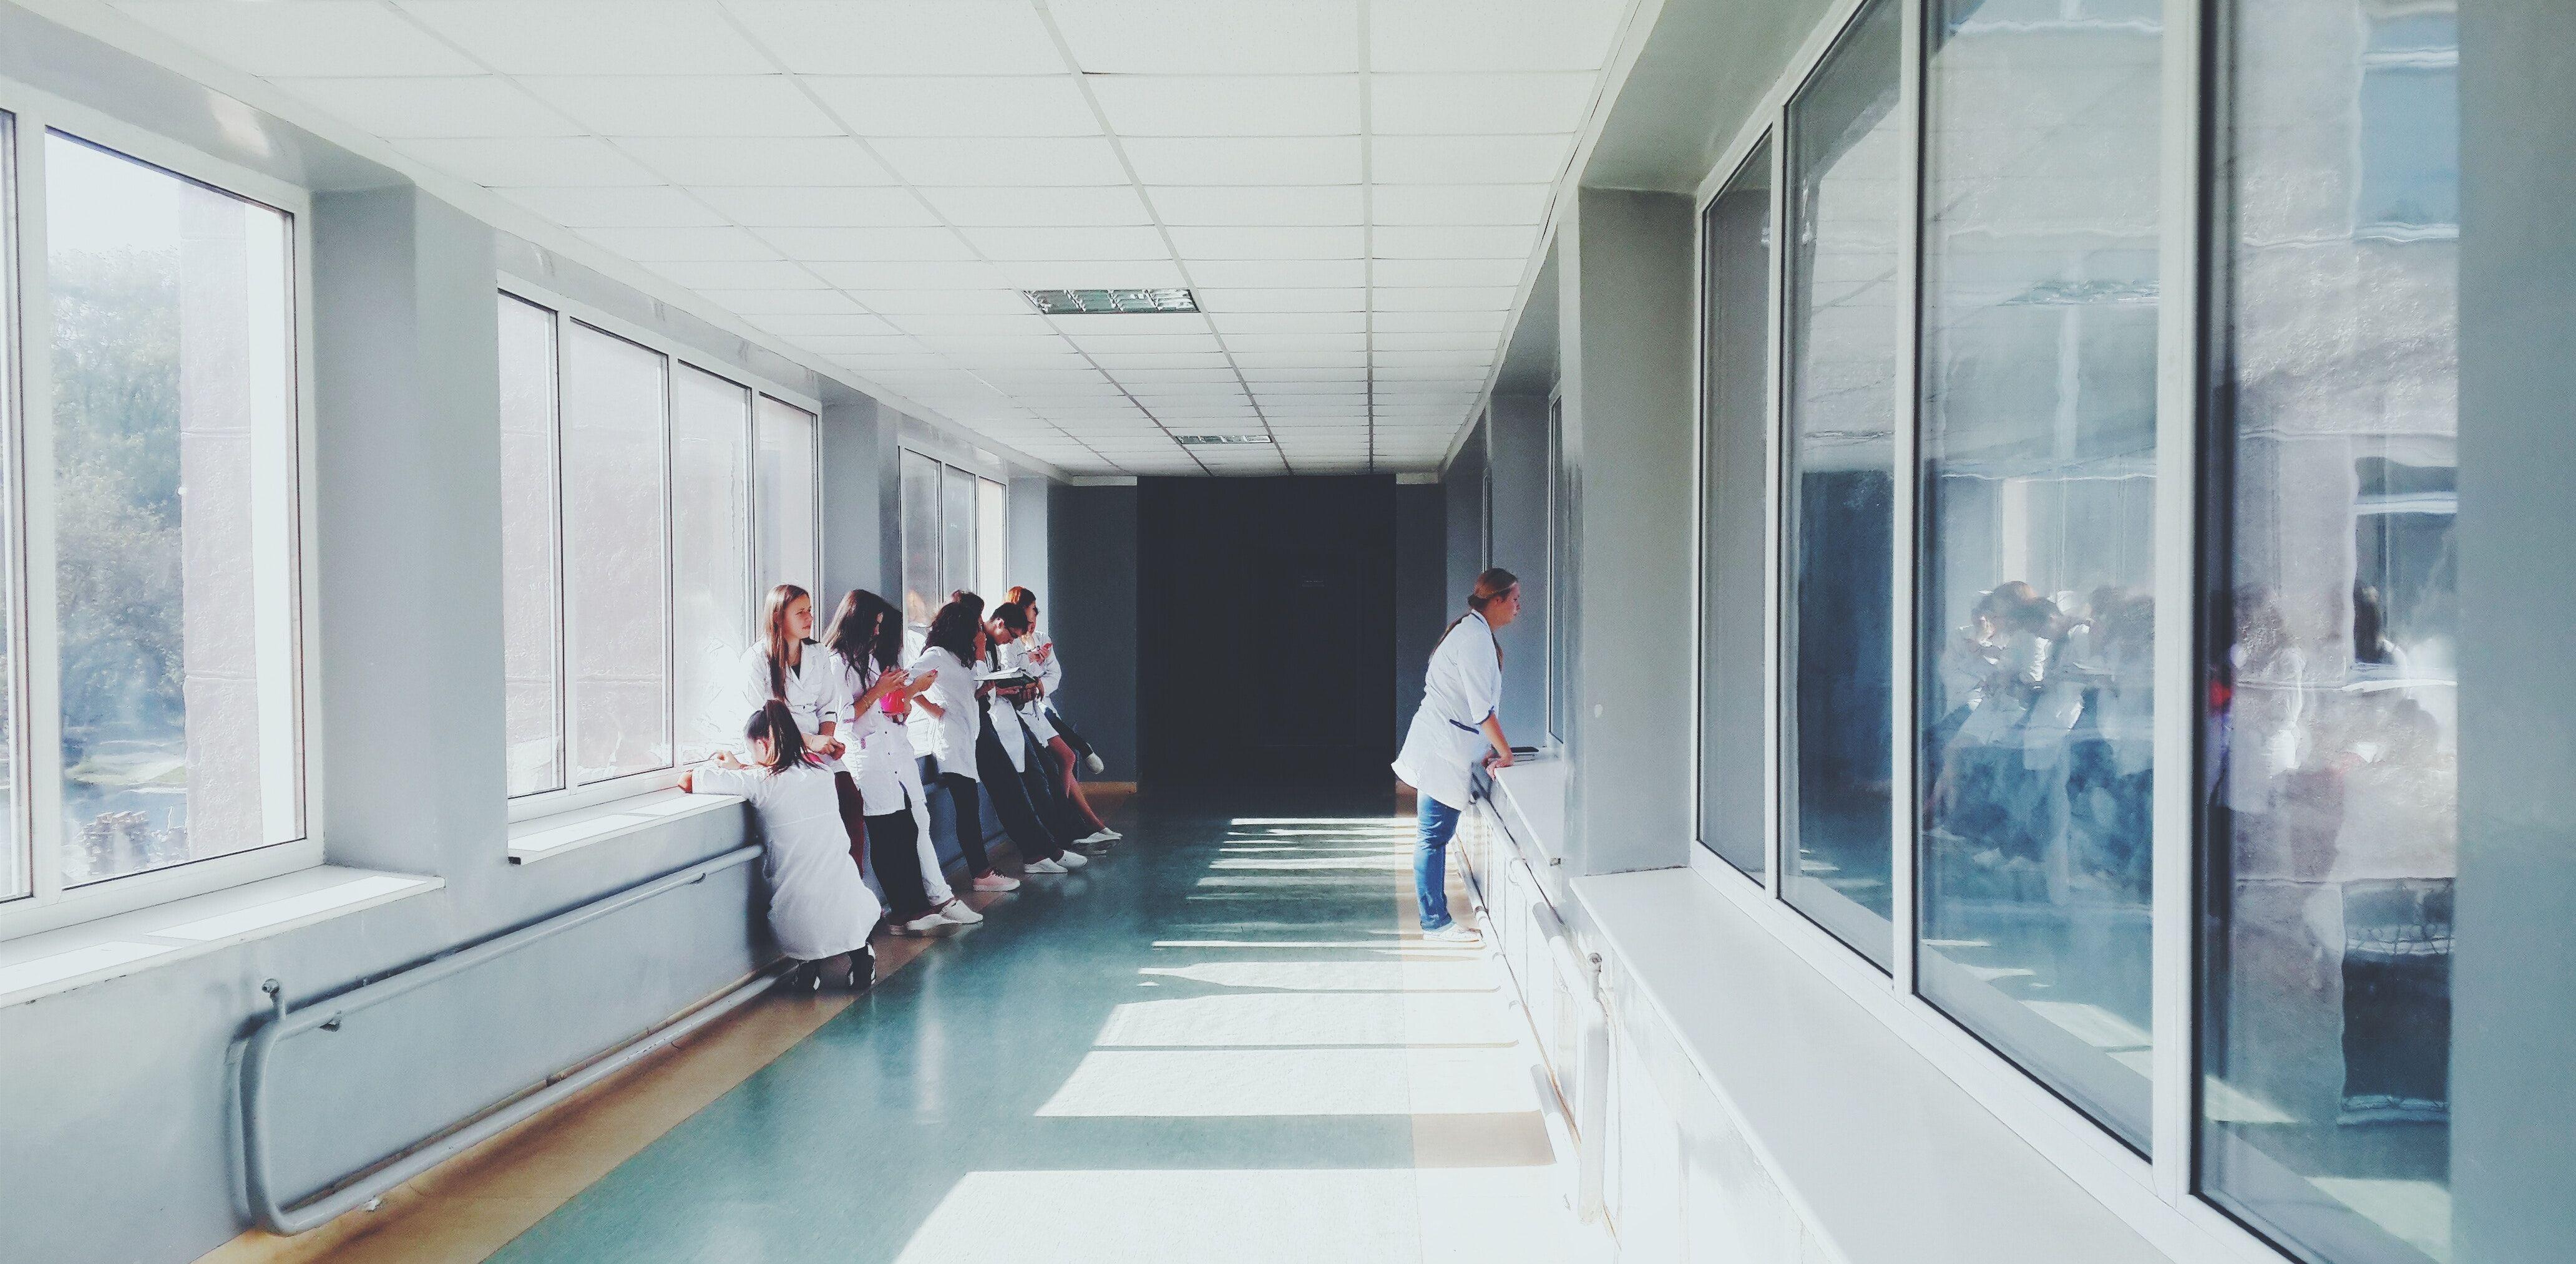 doctors-glass-hallway-127873.jpg